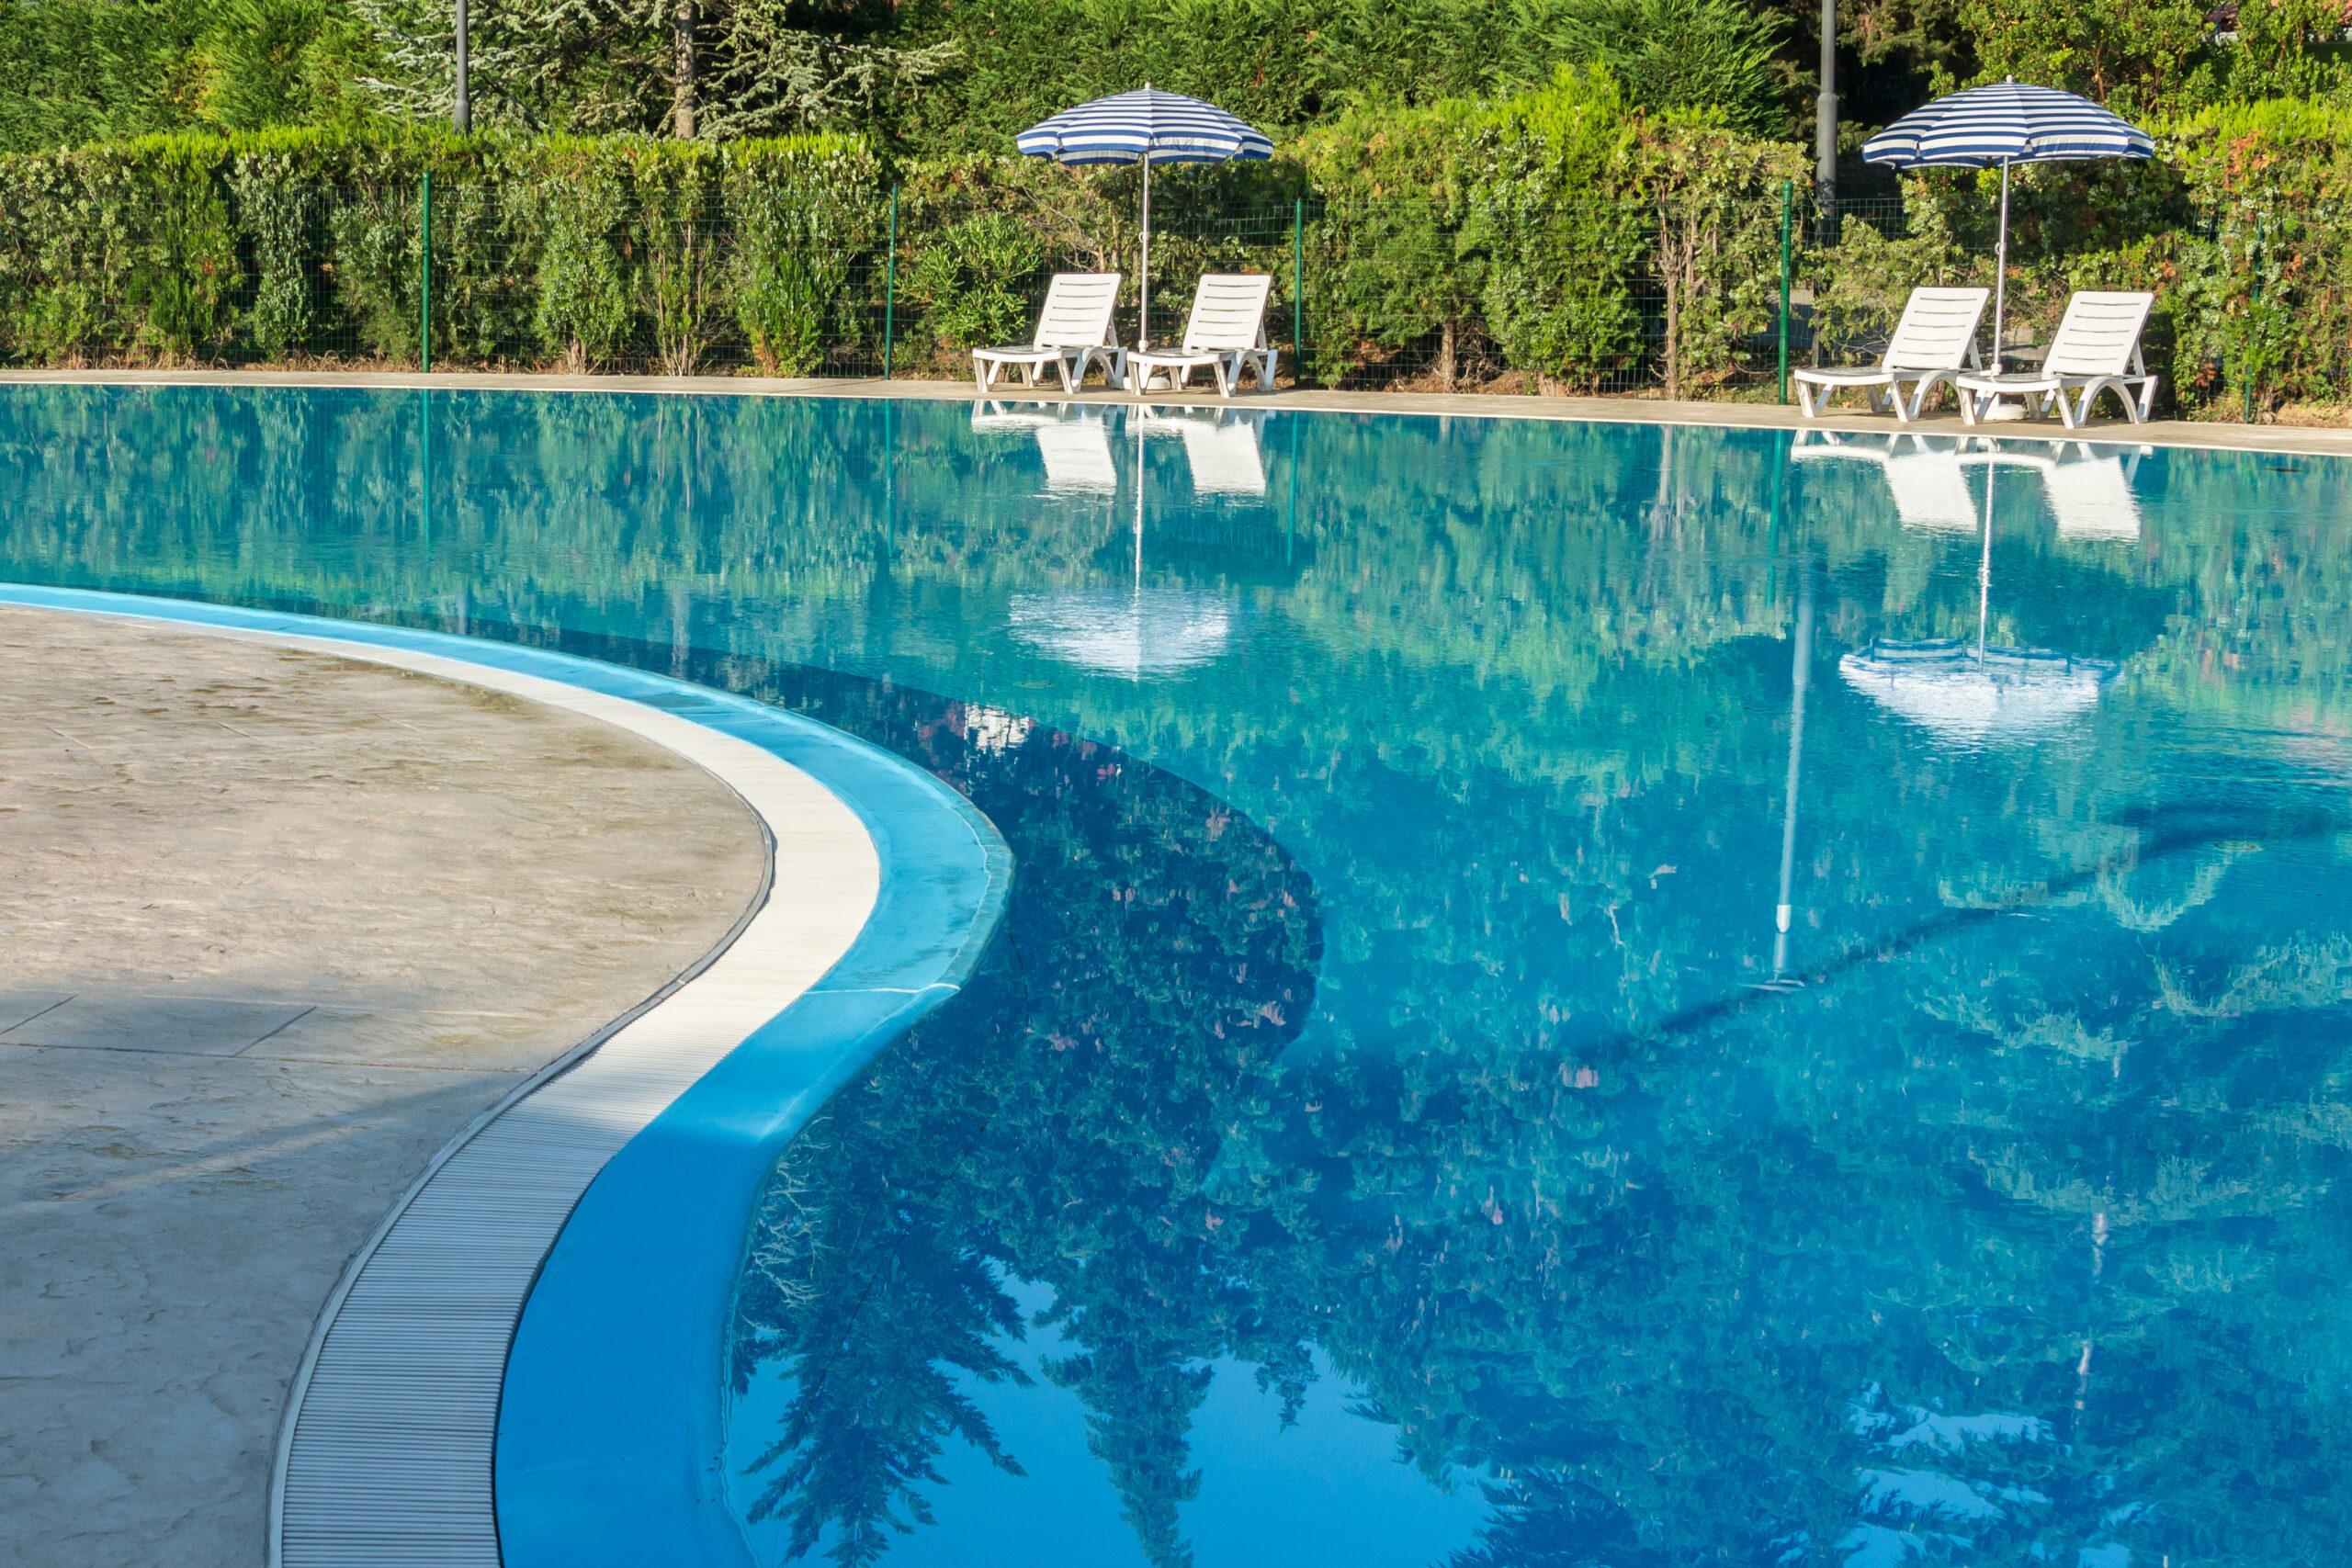 Salinera outdoor pool 2